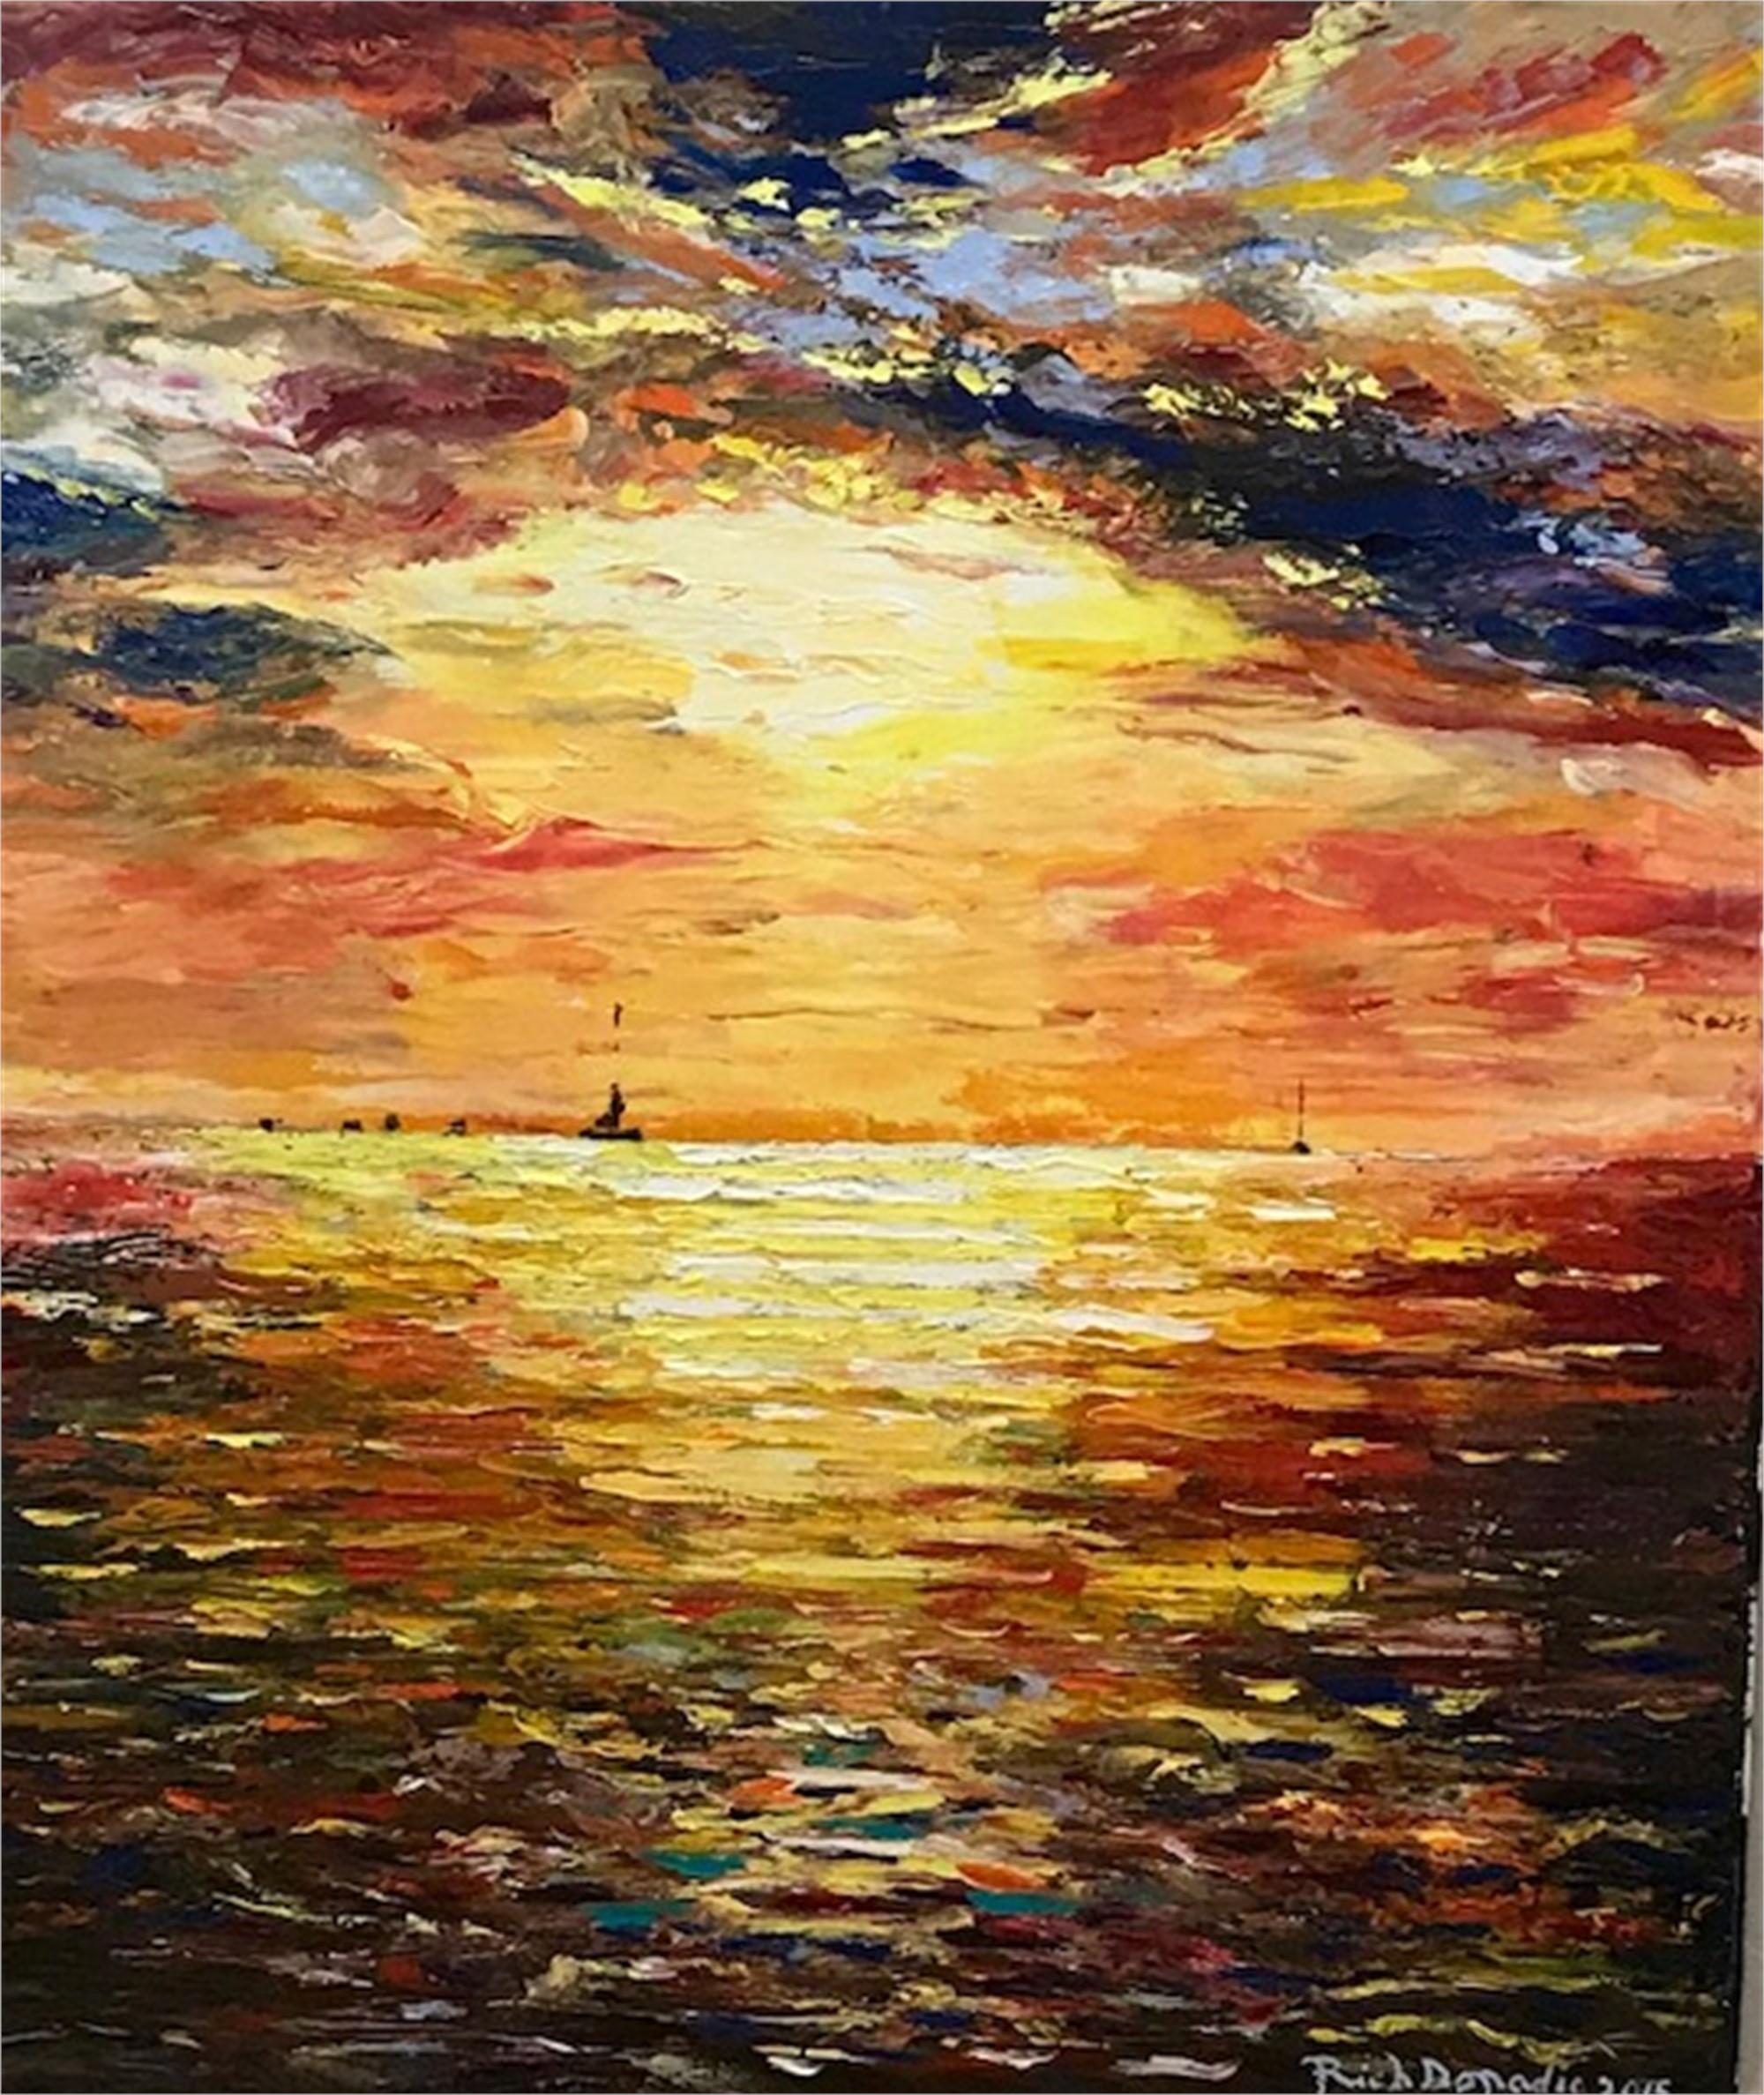 Sunset Over Key West by Richard Donadio